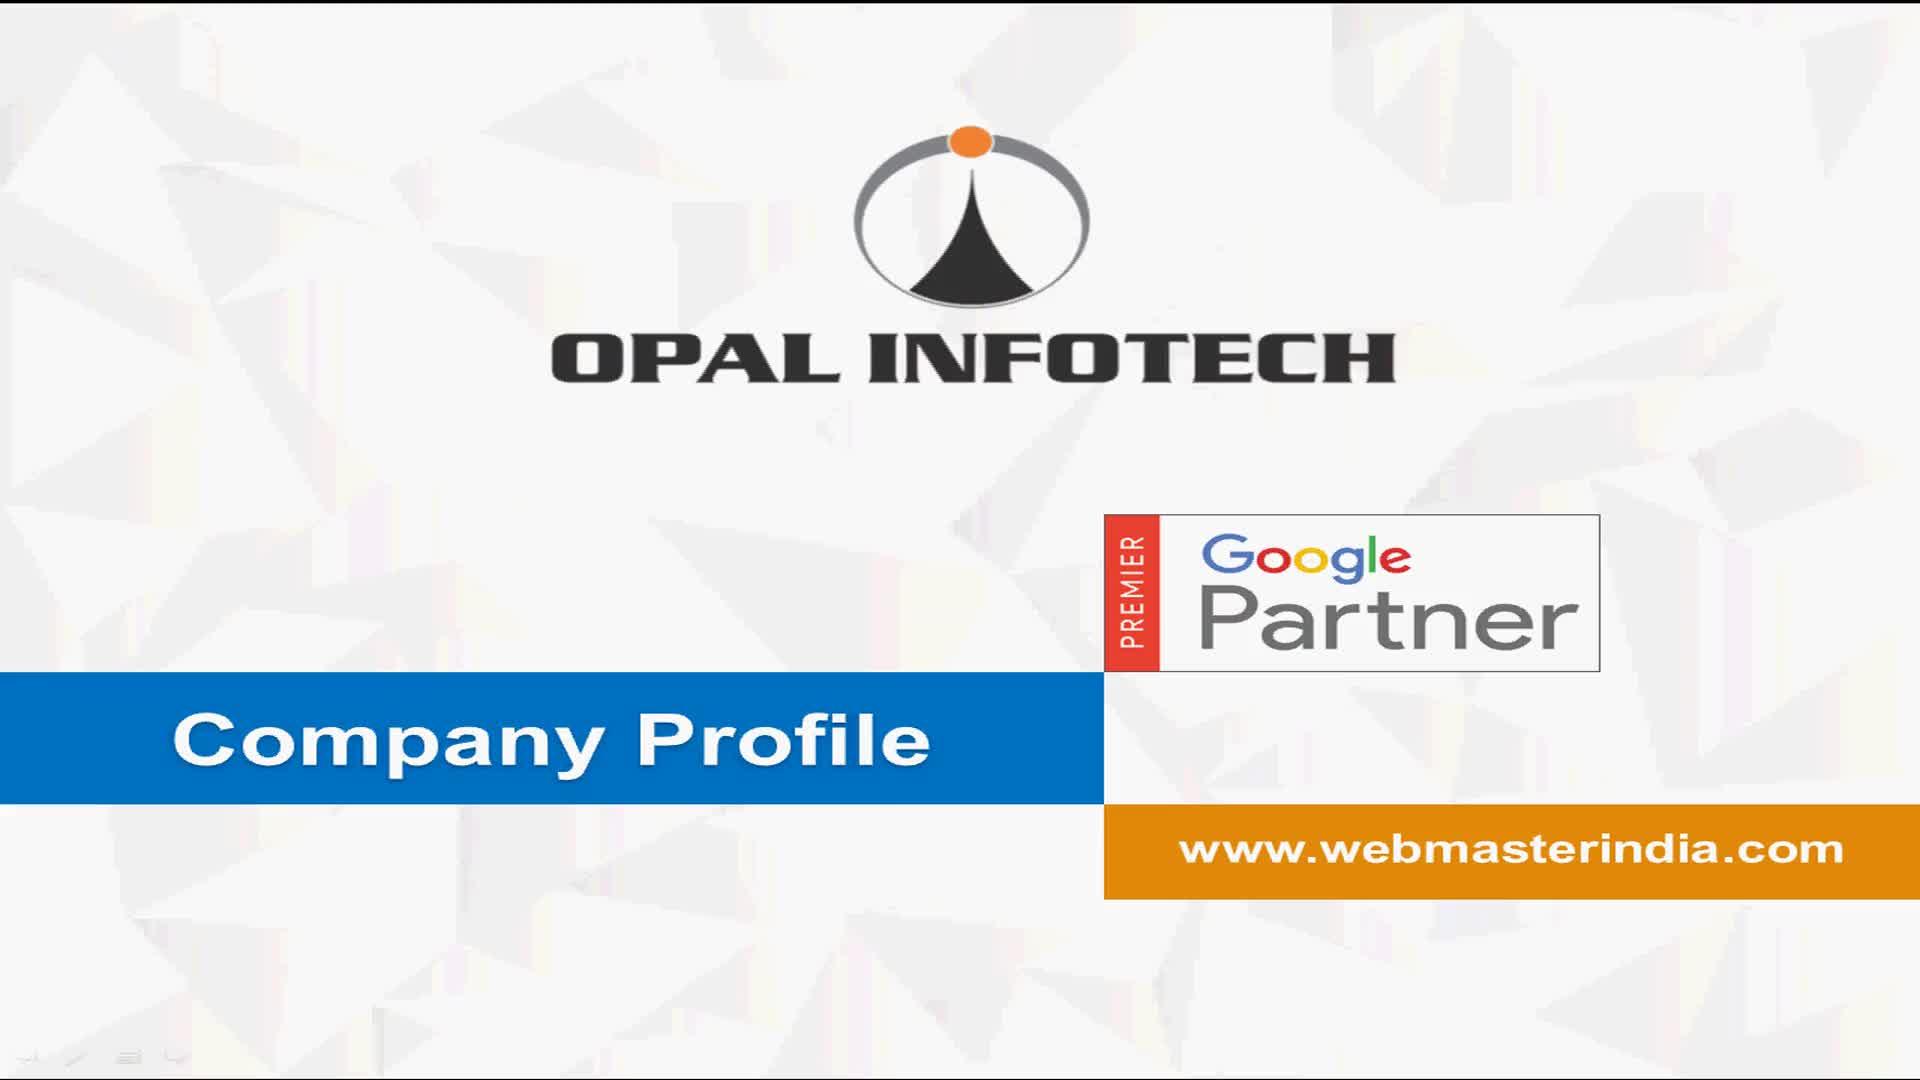 カスタマイズされた専門的なウェブサイト優秀でワイド Web 設計サービスの範囲。